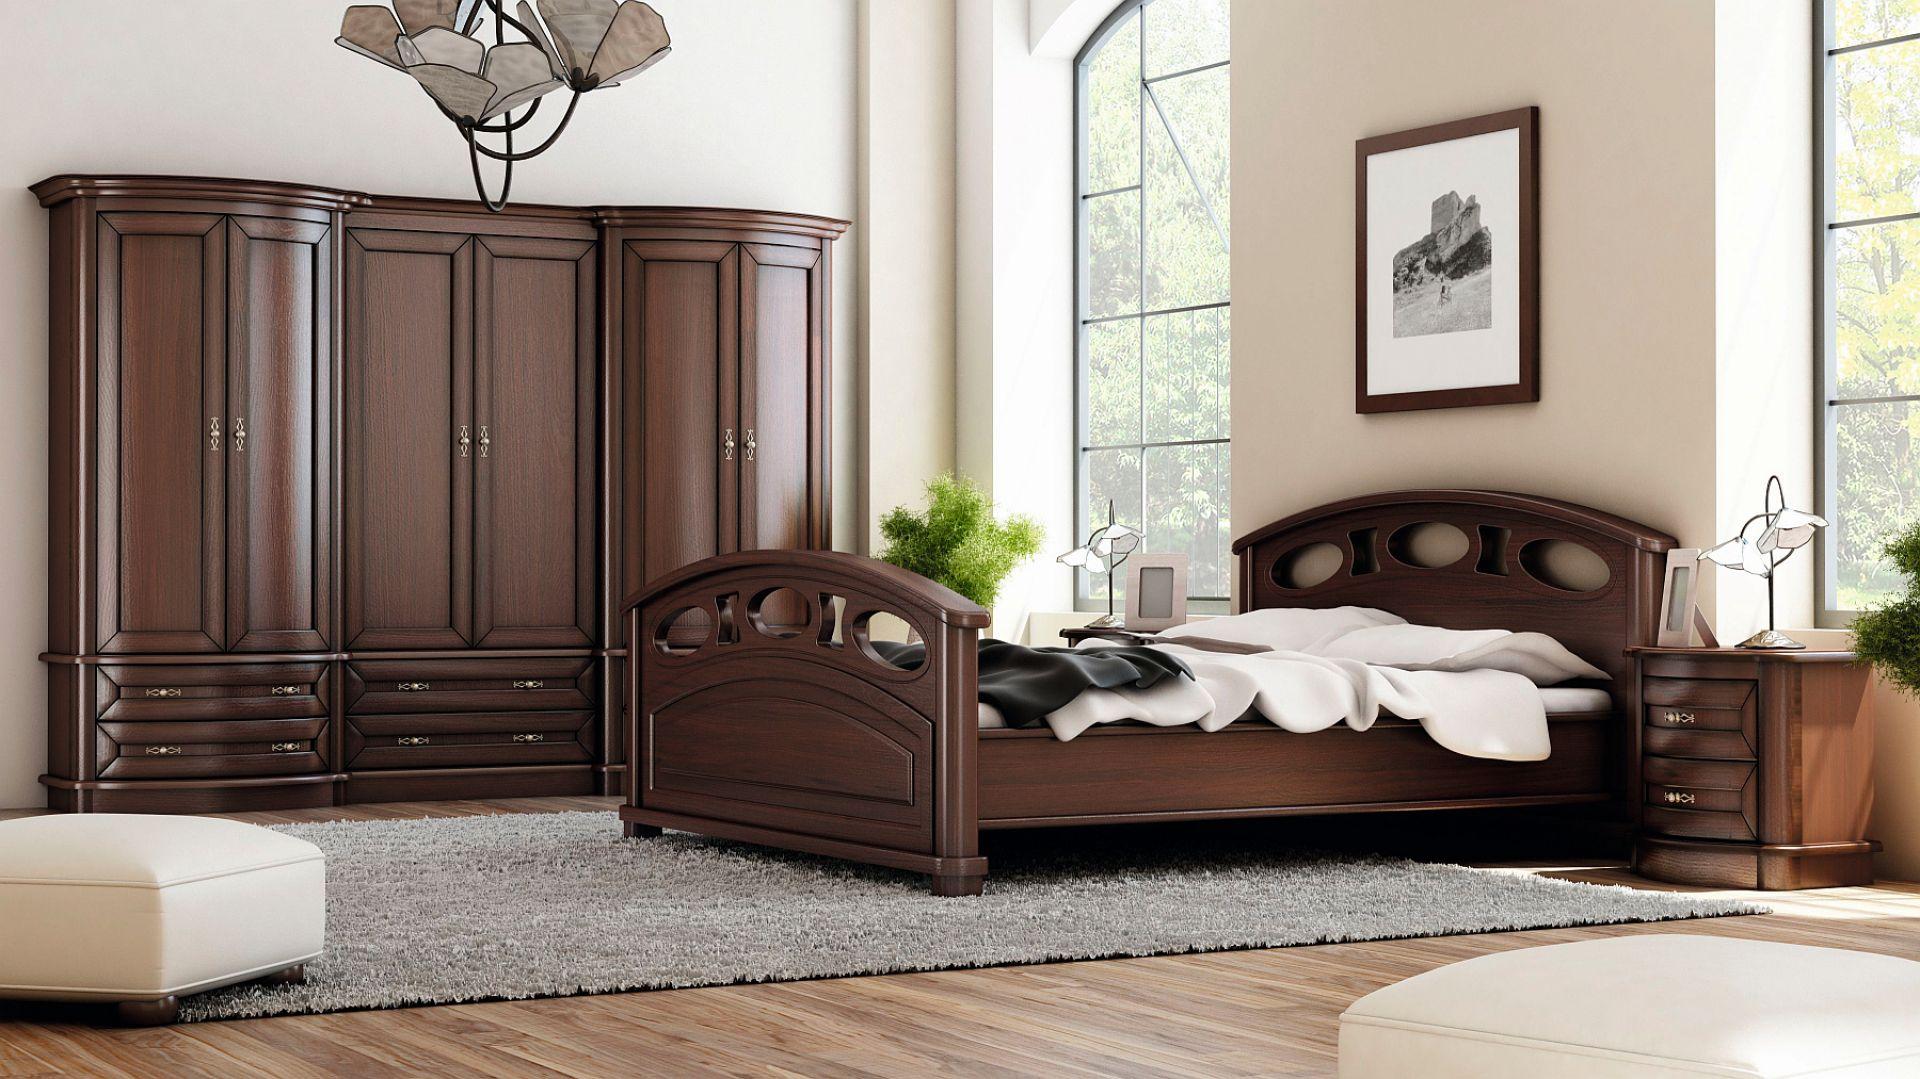 Szafa do sypialni z kolekcji Diana dostępna w ofercie firmy Meble Olejnikowski. Fot. Meble Olejnikowski